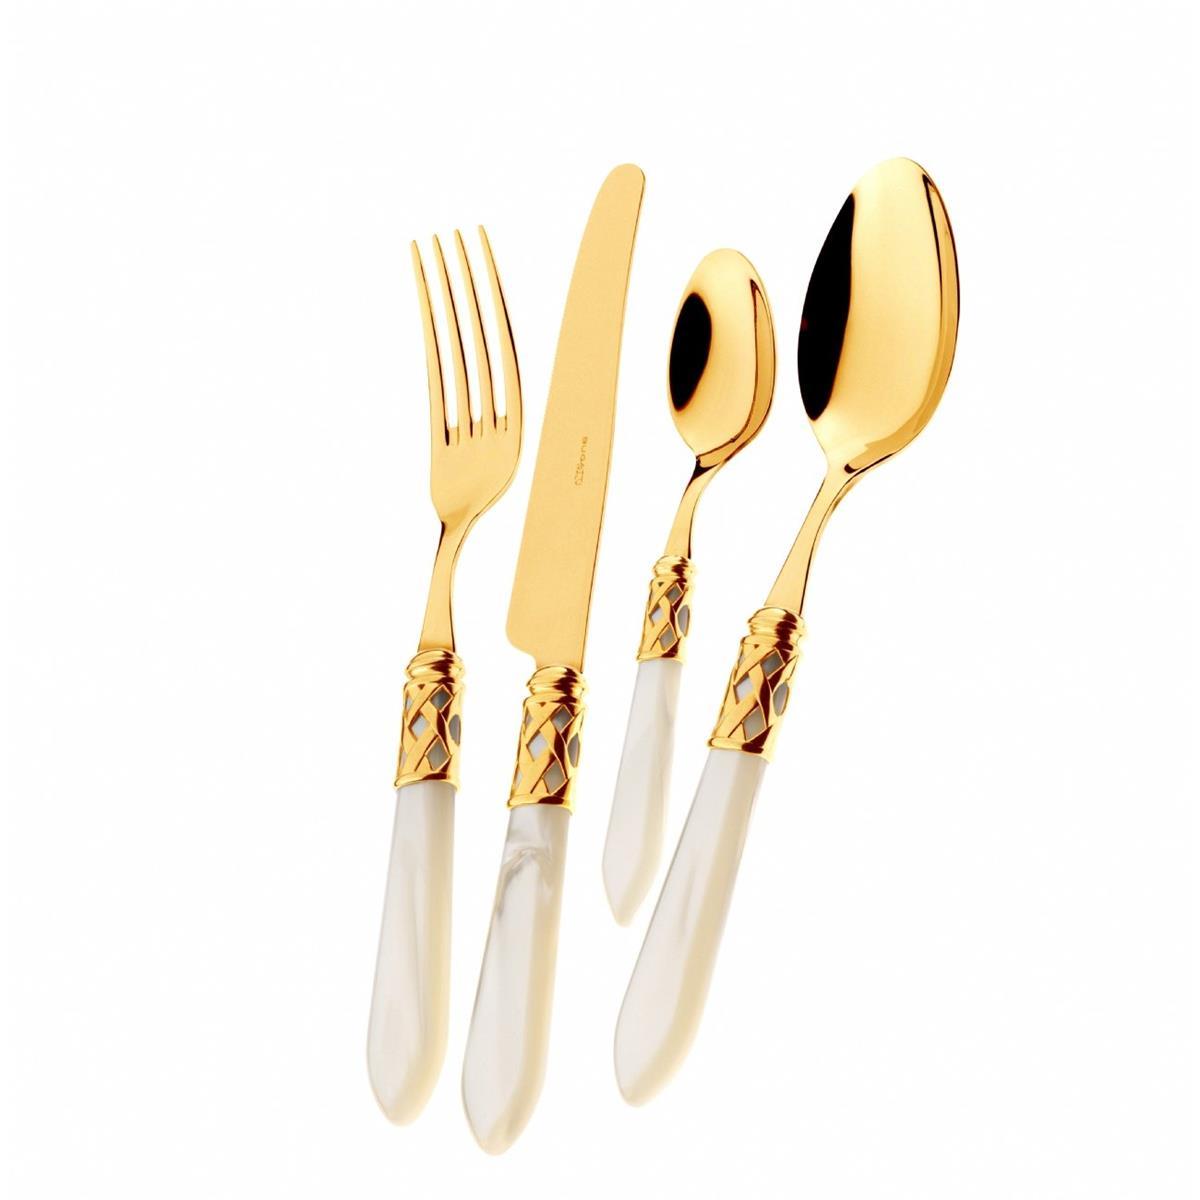 ALADDIN Besteckset - 31 Stücke - Elfenbein (24 kt Gold Plattiert)